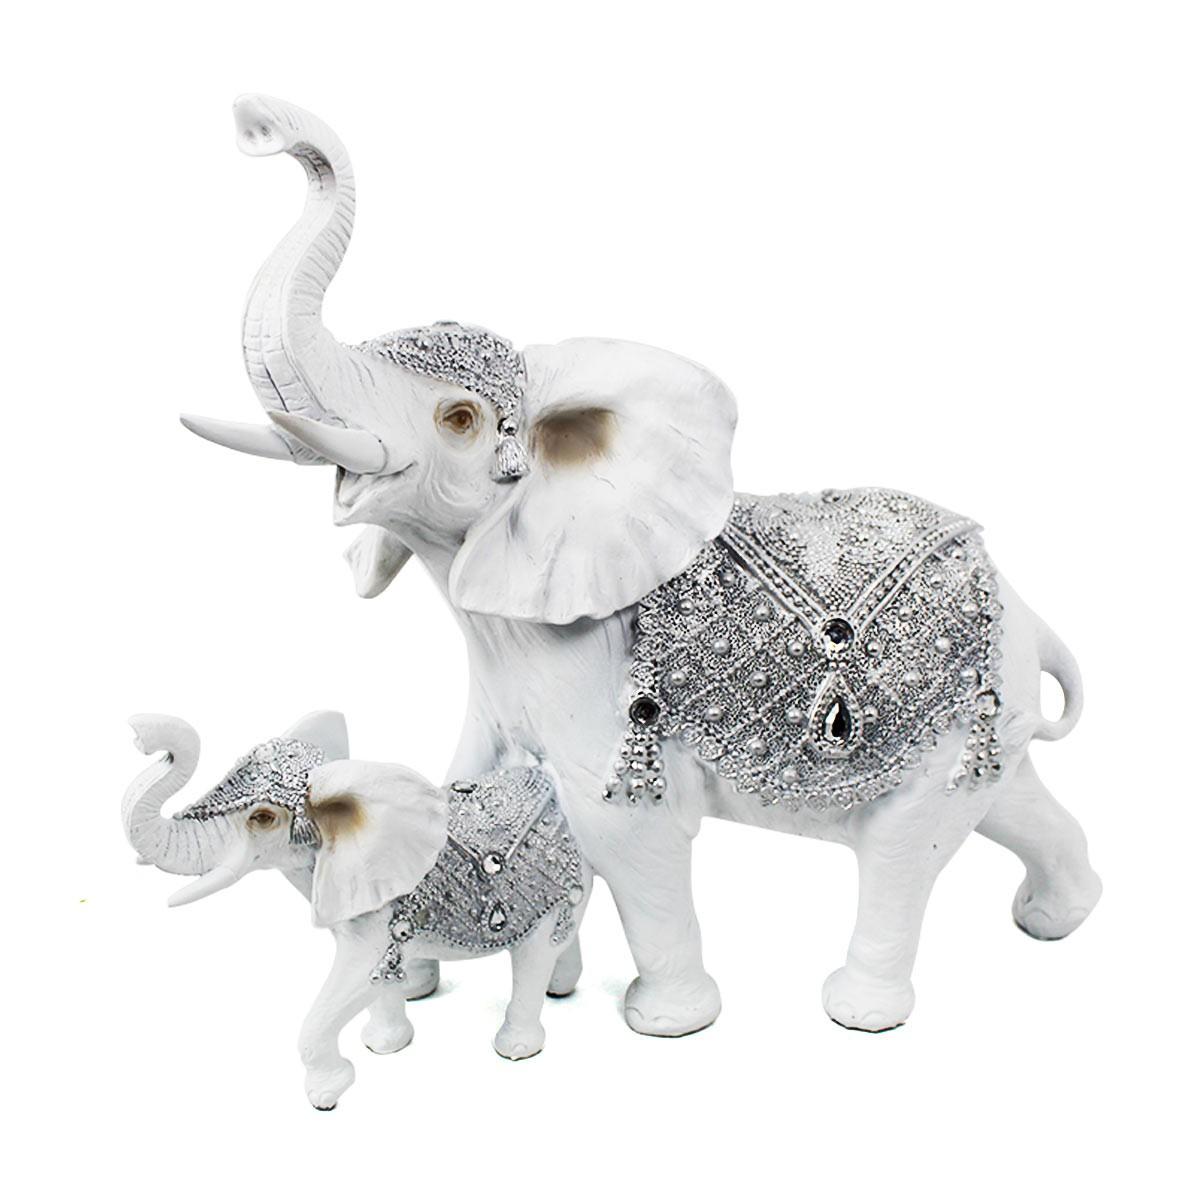 Duo Elefante Branco Decorativo Luxo Verito